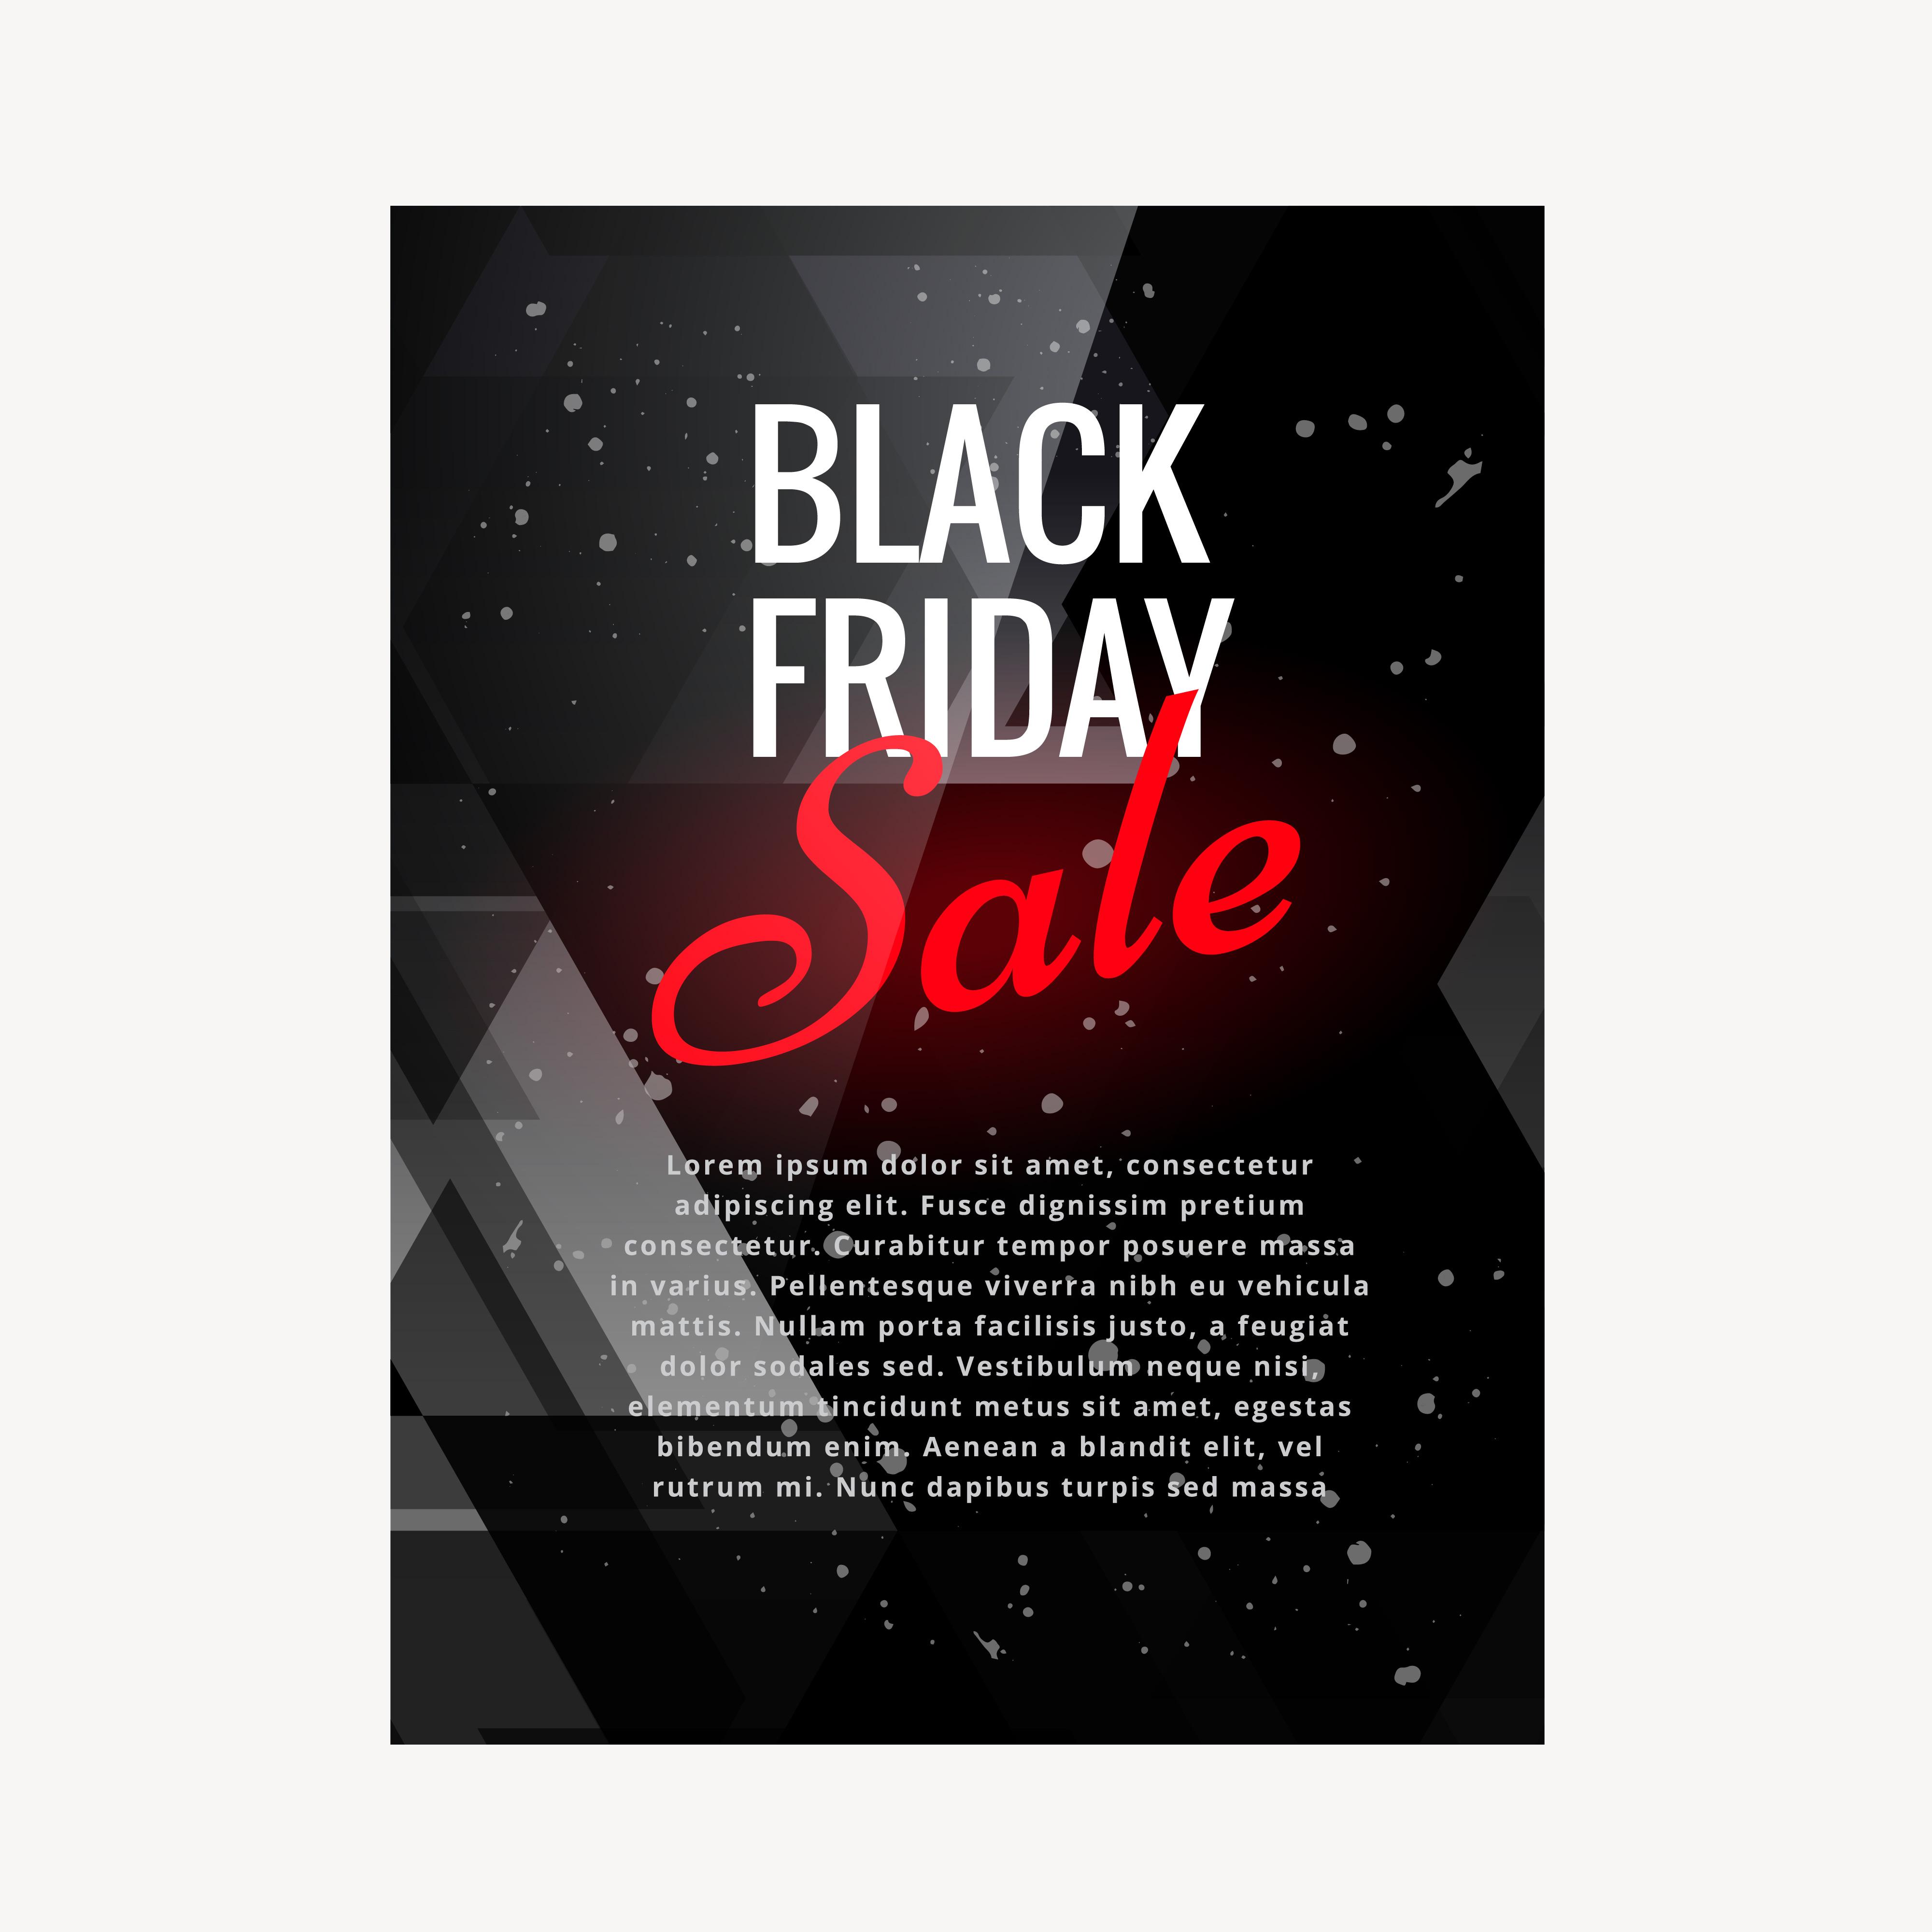 Black Friday Sale Brochure Design Illustration Download